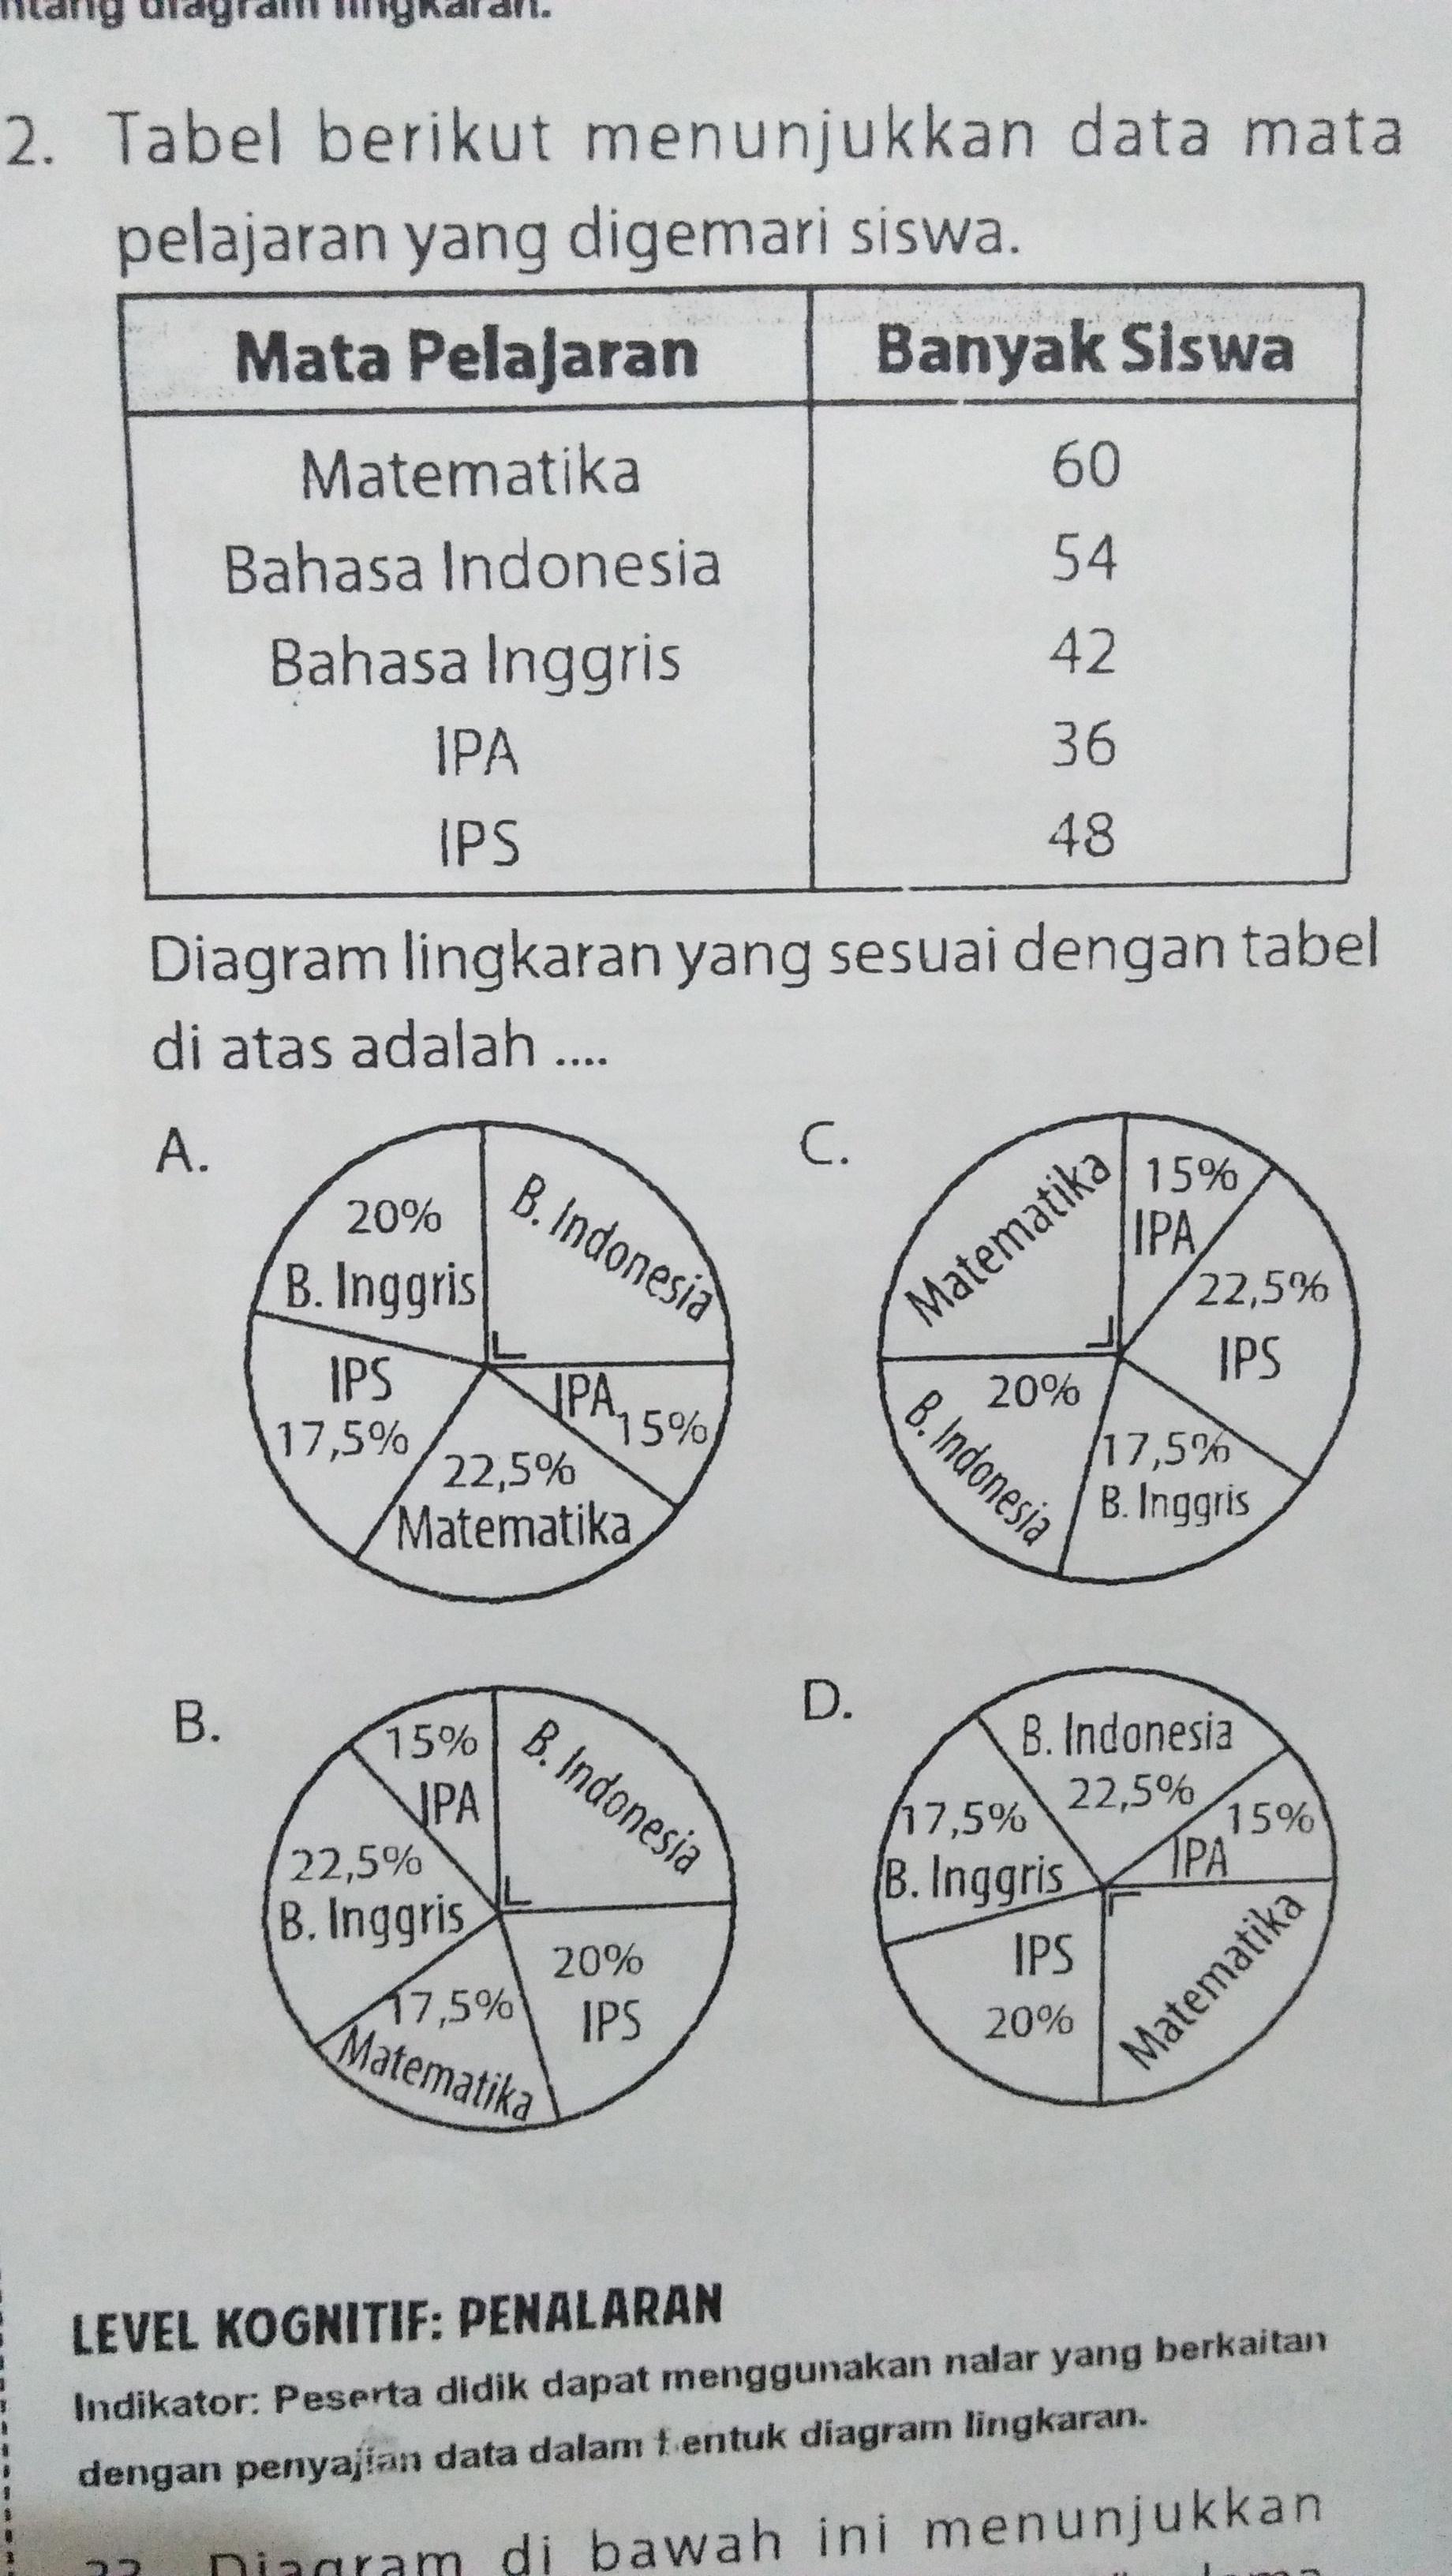 Diagram lingkaran yang sesuai dengan tabel di atas adalah tolong diagram lingkaran yang sesuai dengan tabel di atas adalah tolong dijawab ya pake cara terima kasih ccuart Images